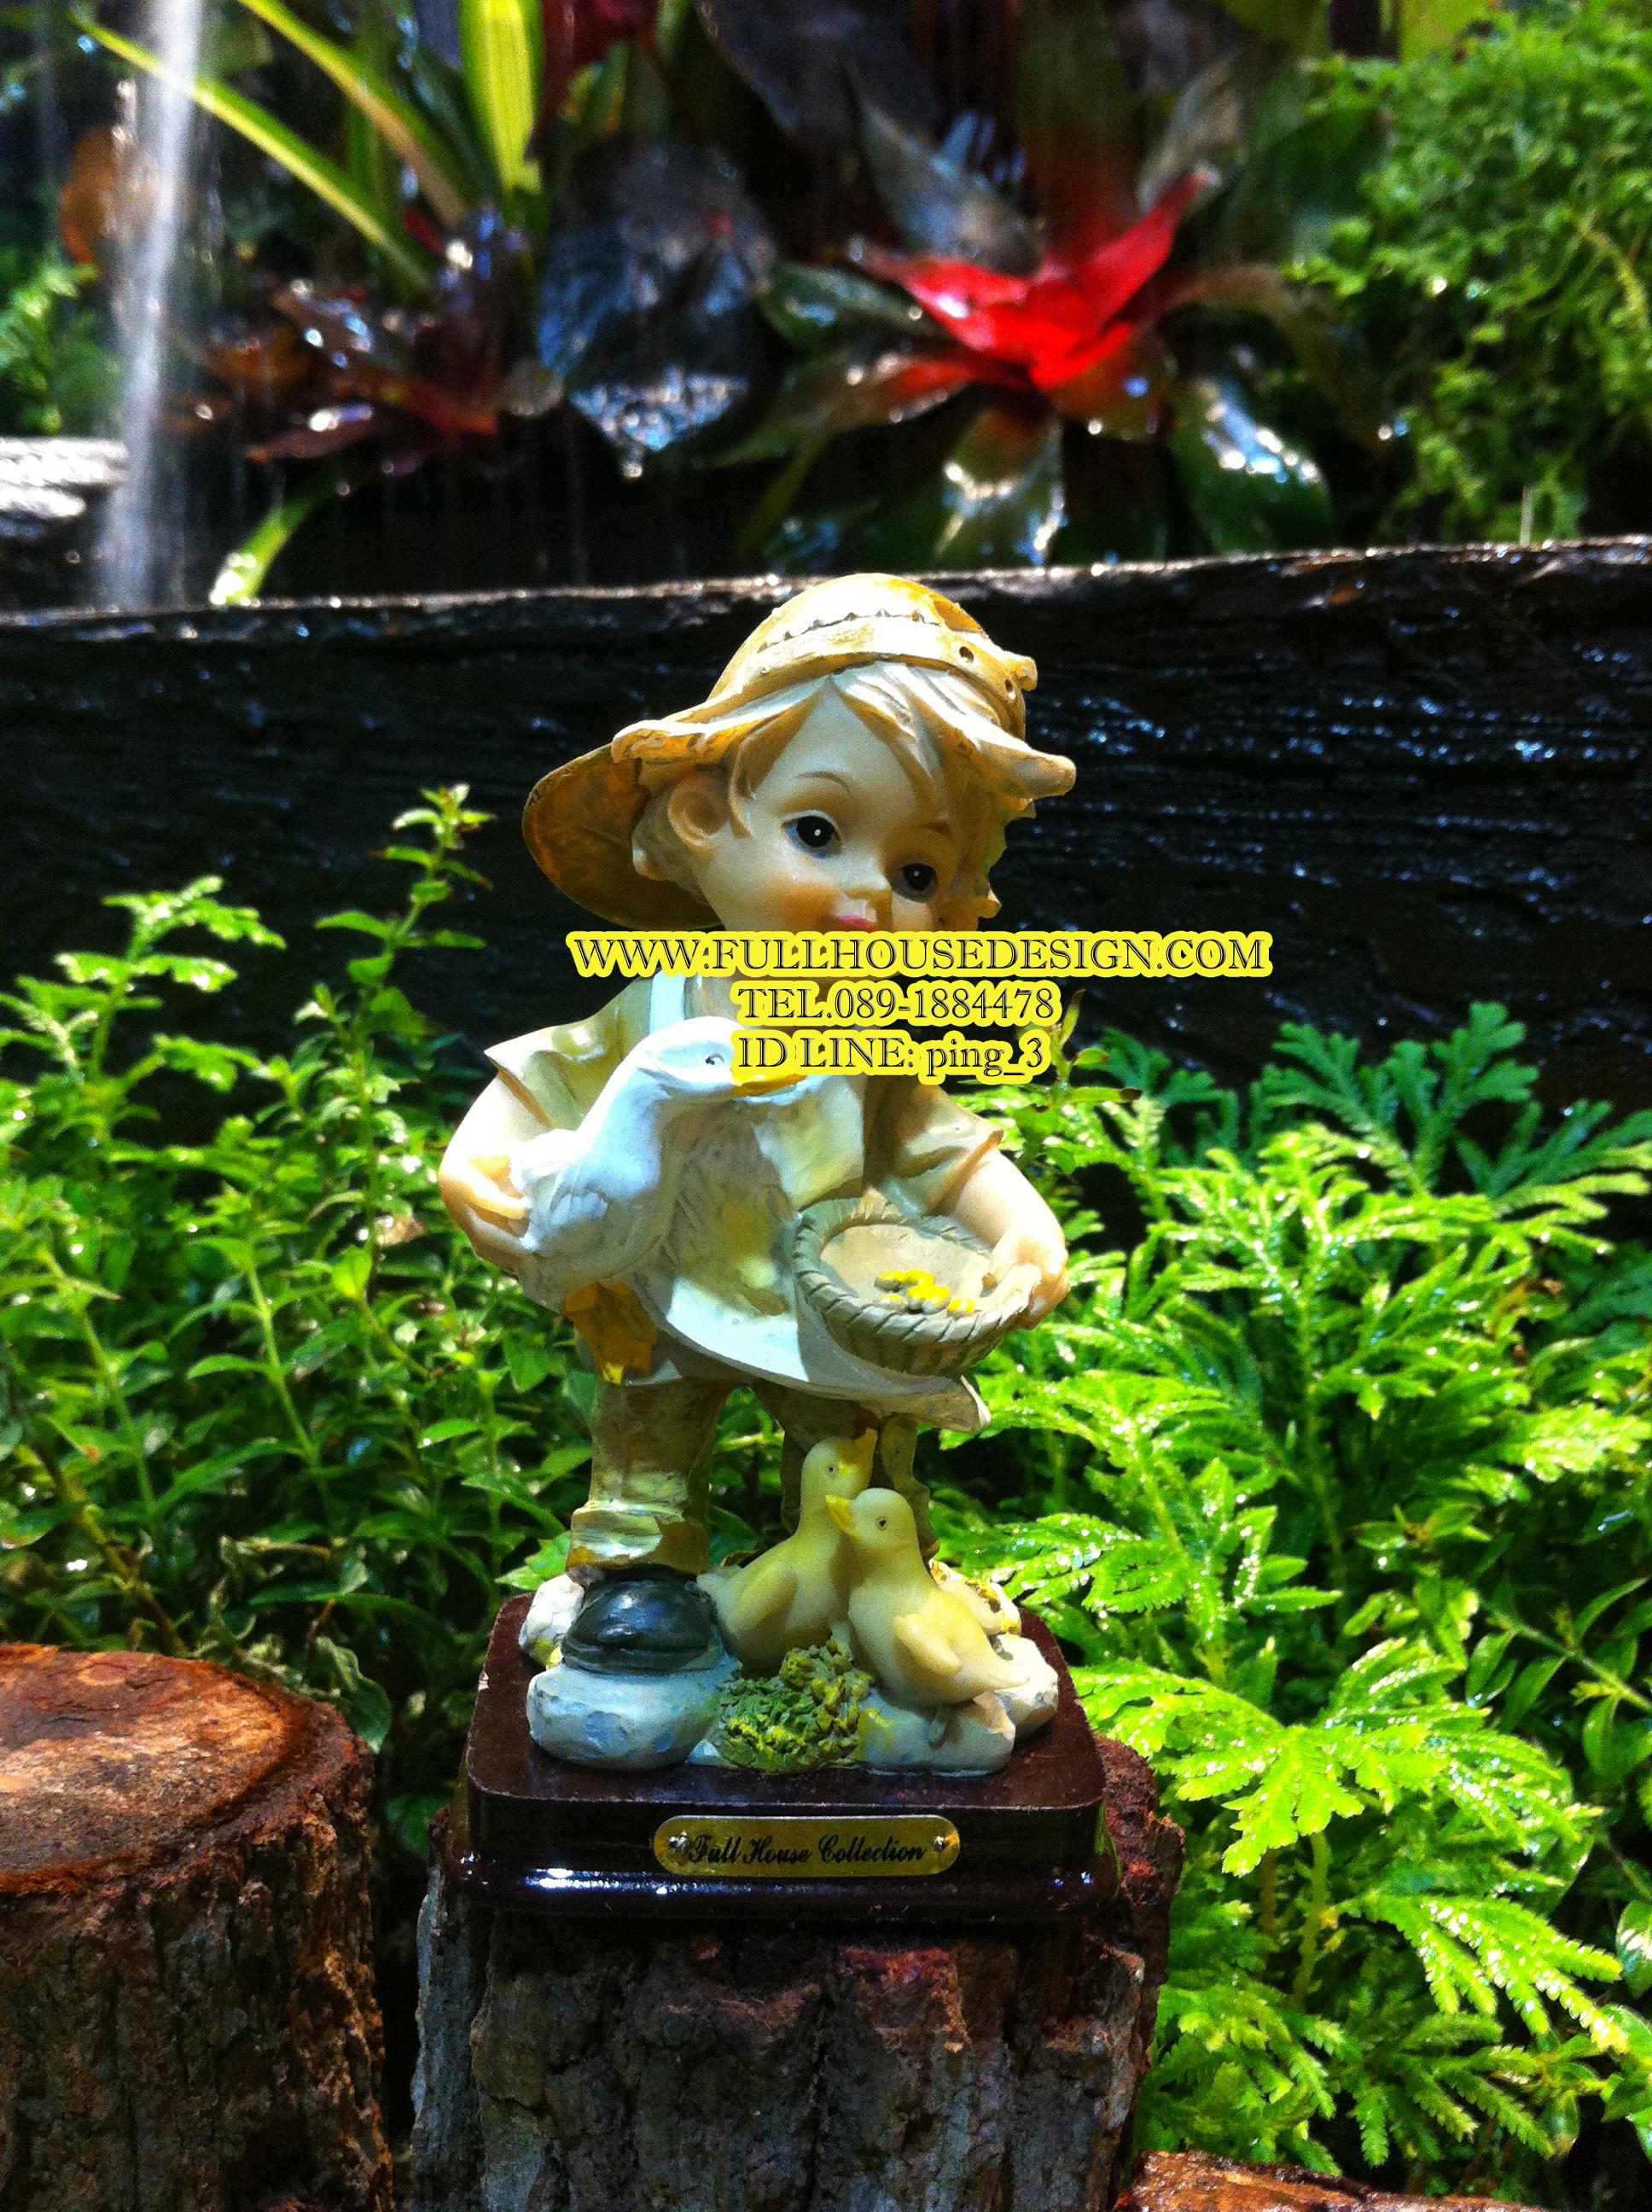 ตุ๊กตา หนุ่มบ้านไร่ ฟูลเฮ้าส์ คอลเล็กชั่น เล็ก ท่าที่ 10